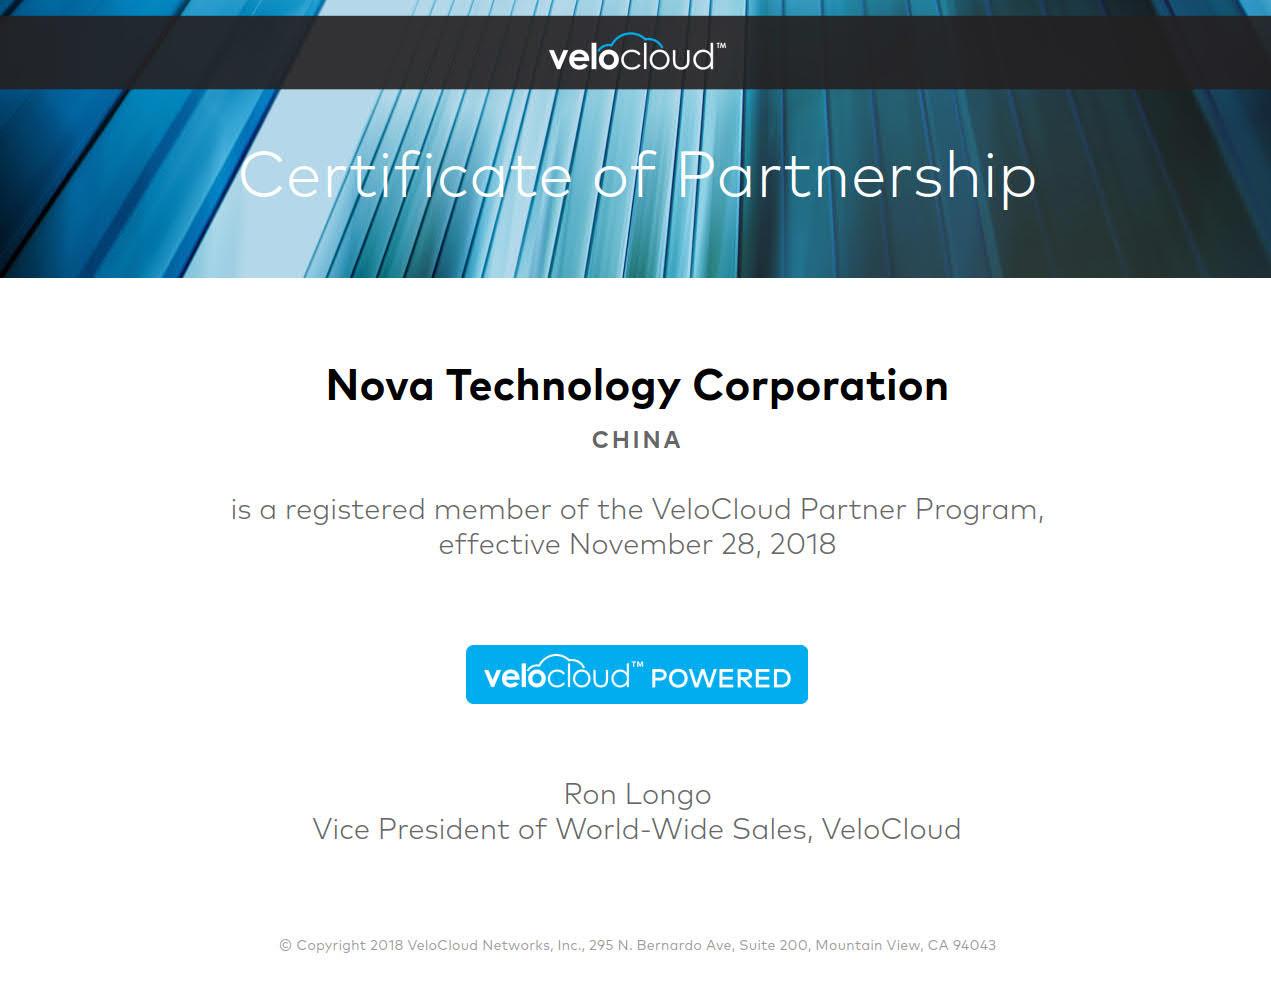 南凌科技與VeloCloud達成戰略合作,攜手為企業用戶創造新價值